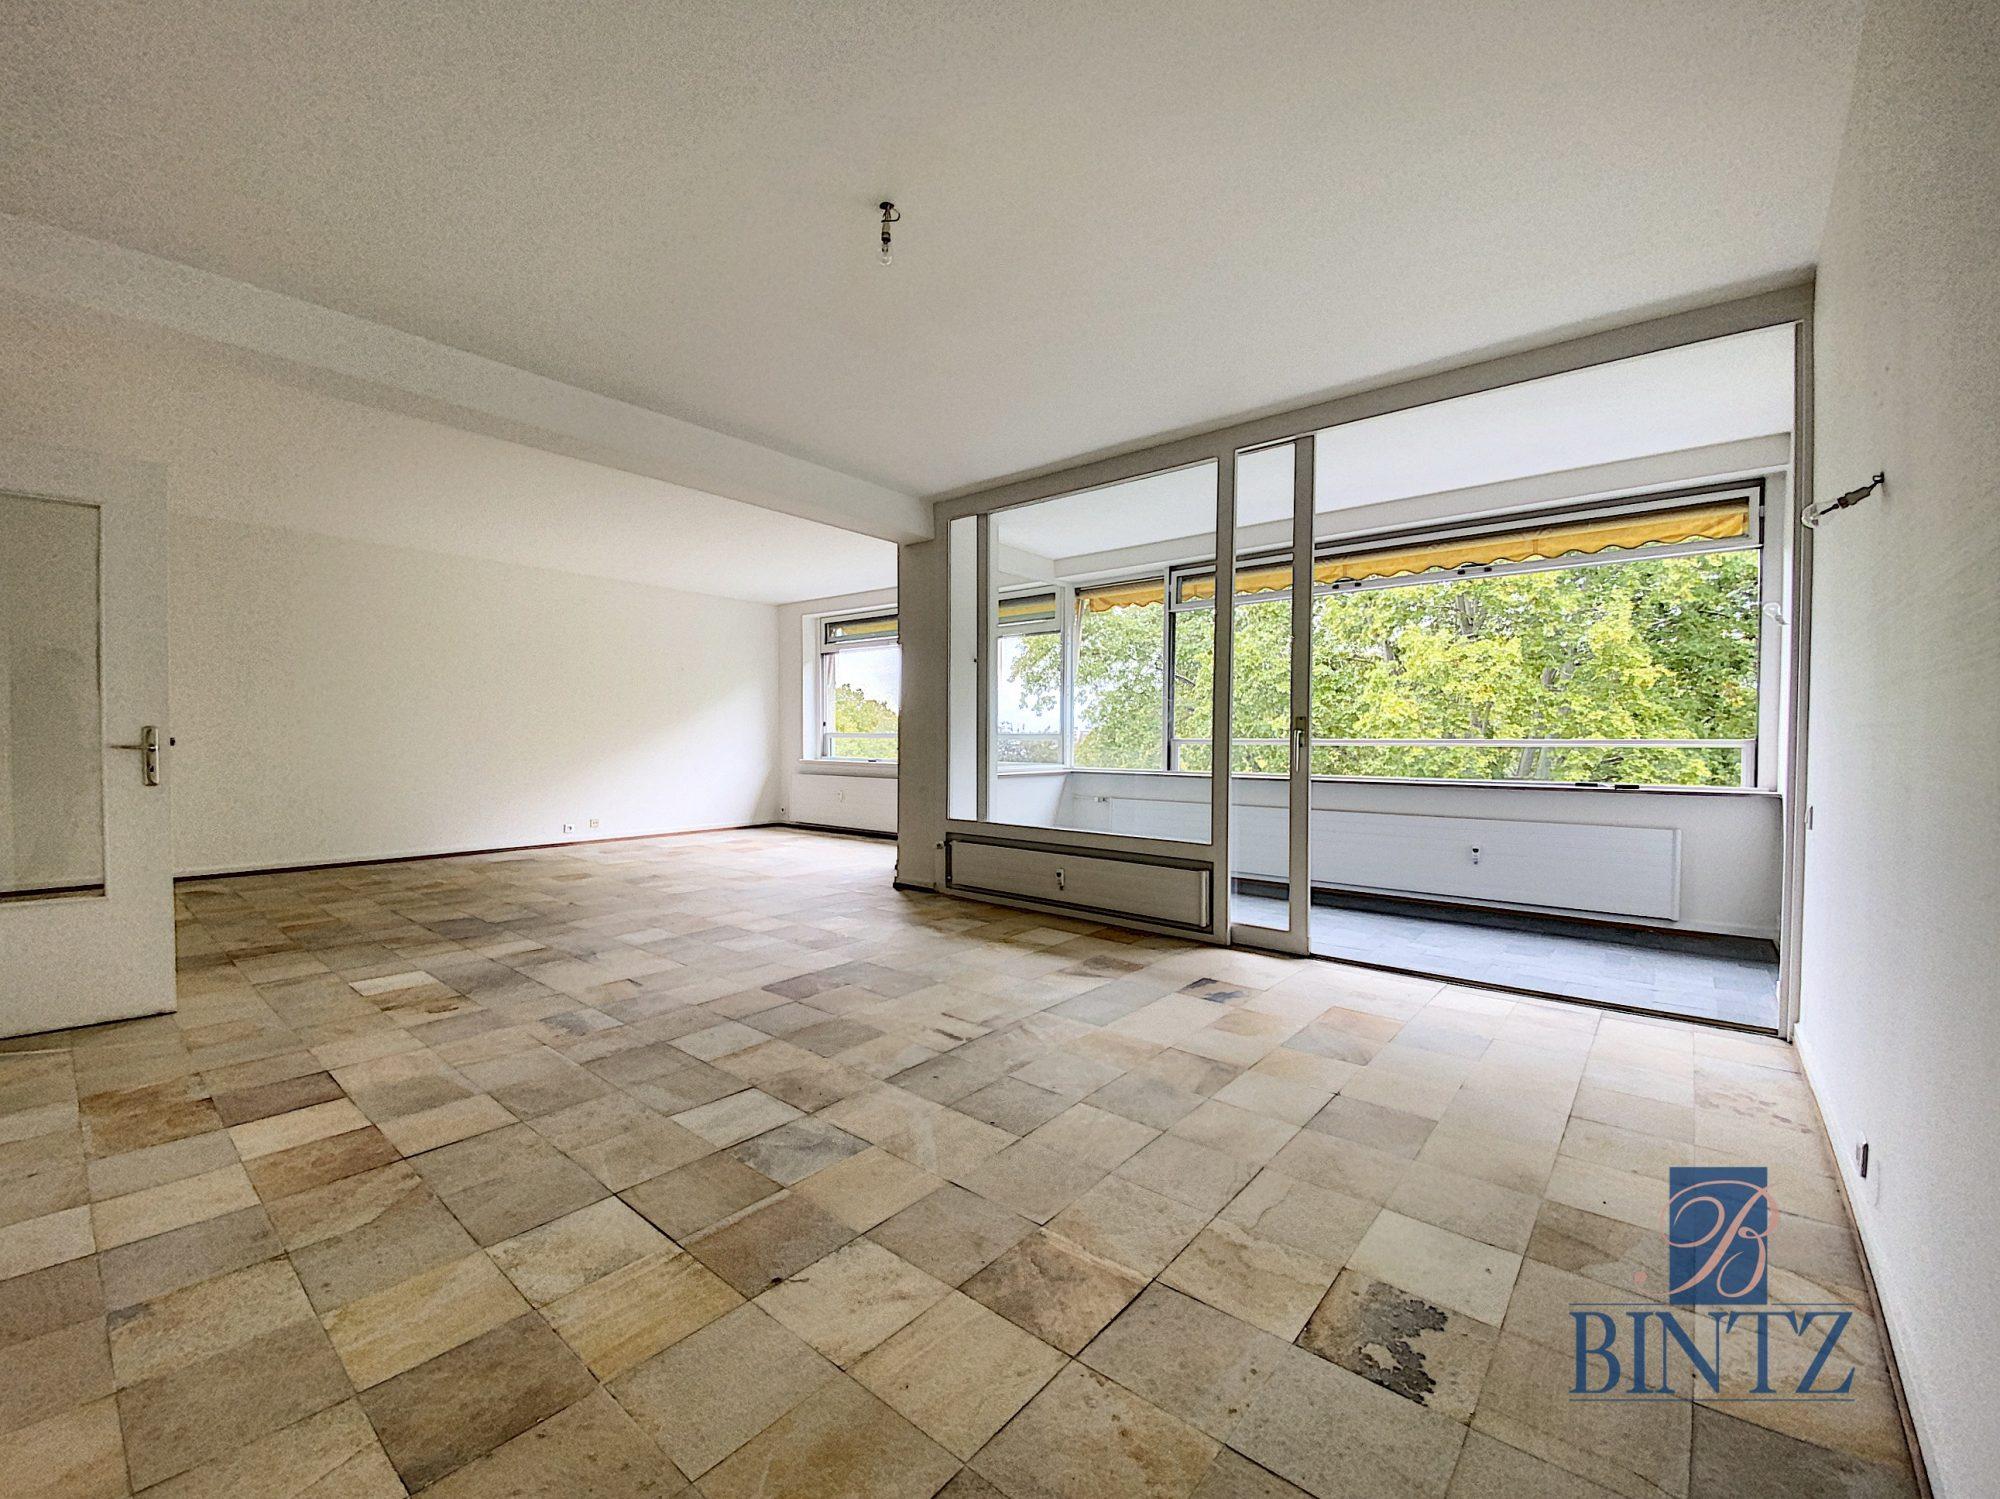 5 PIÈCES QUARTIER CONTADES - Devenez locataire en toute sérénité - Bintz Immobilier - 1